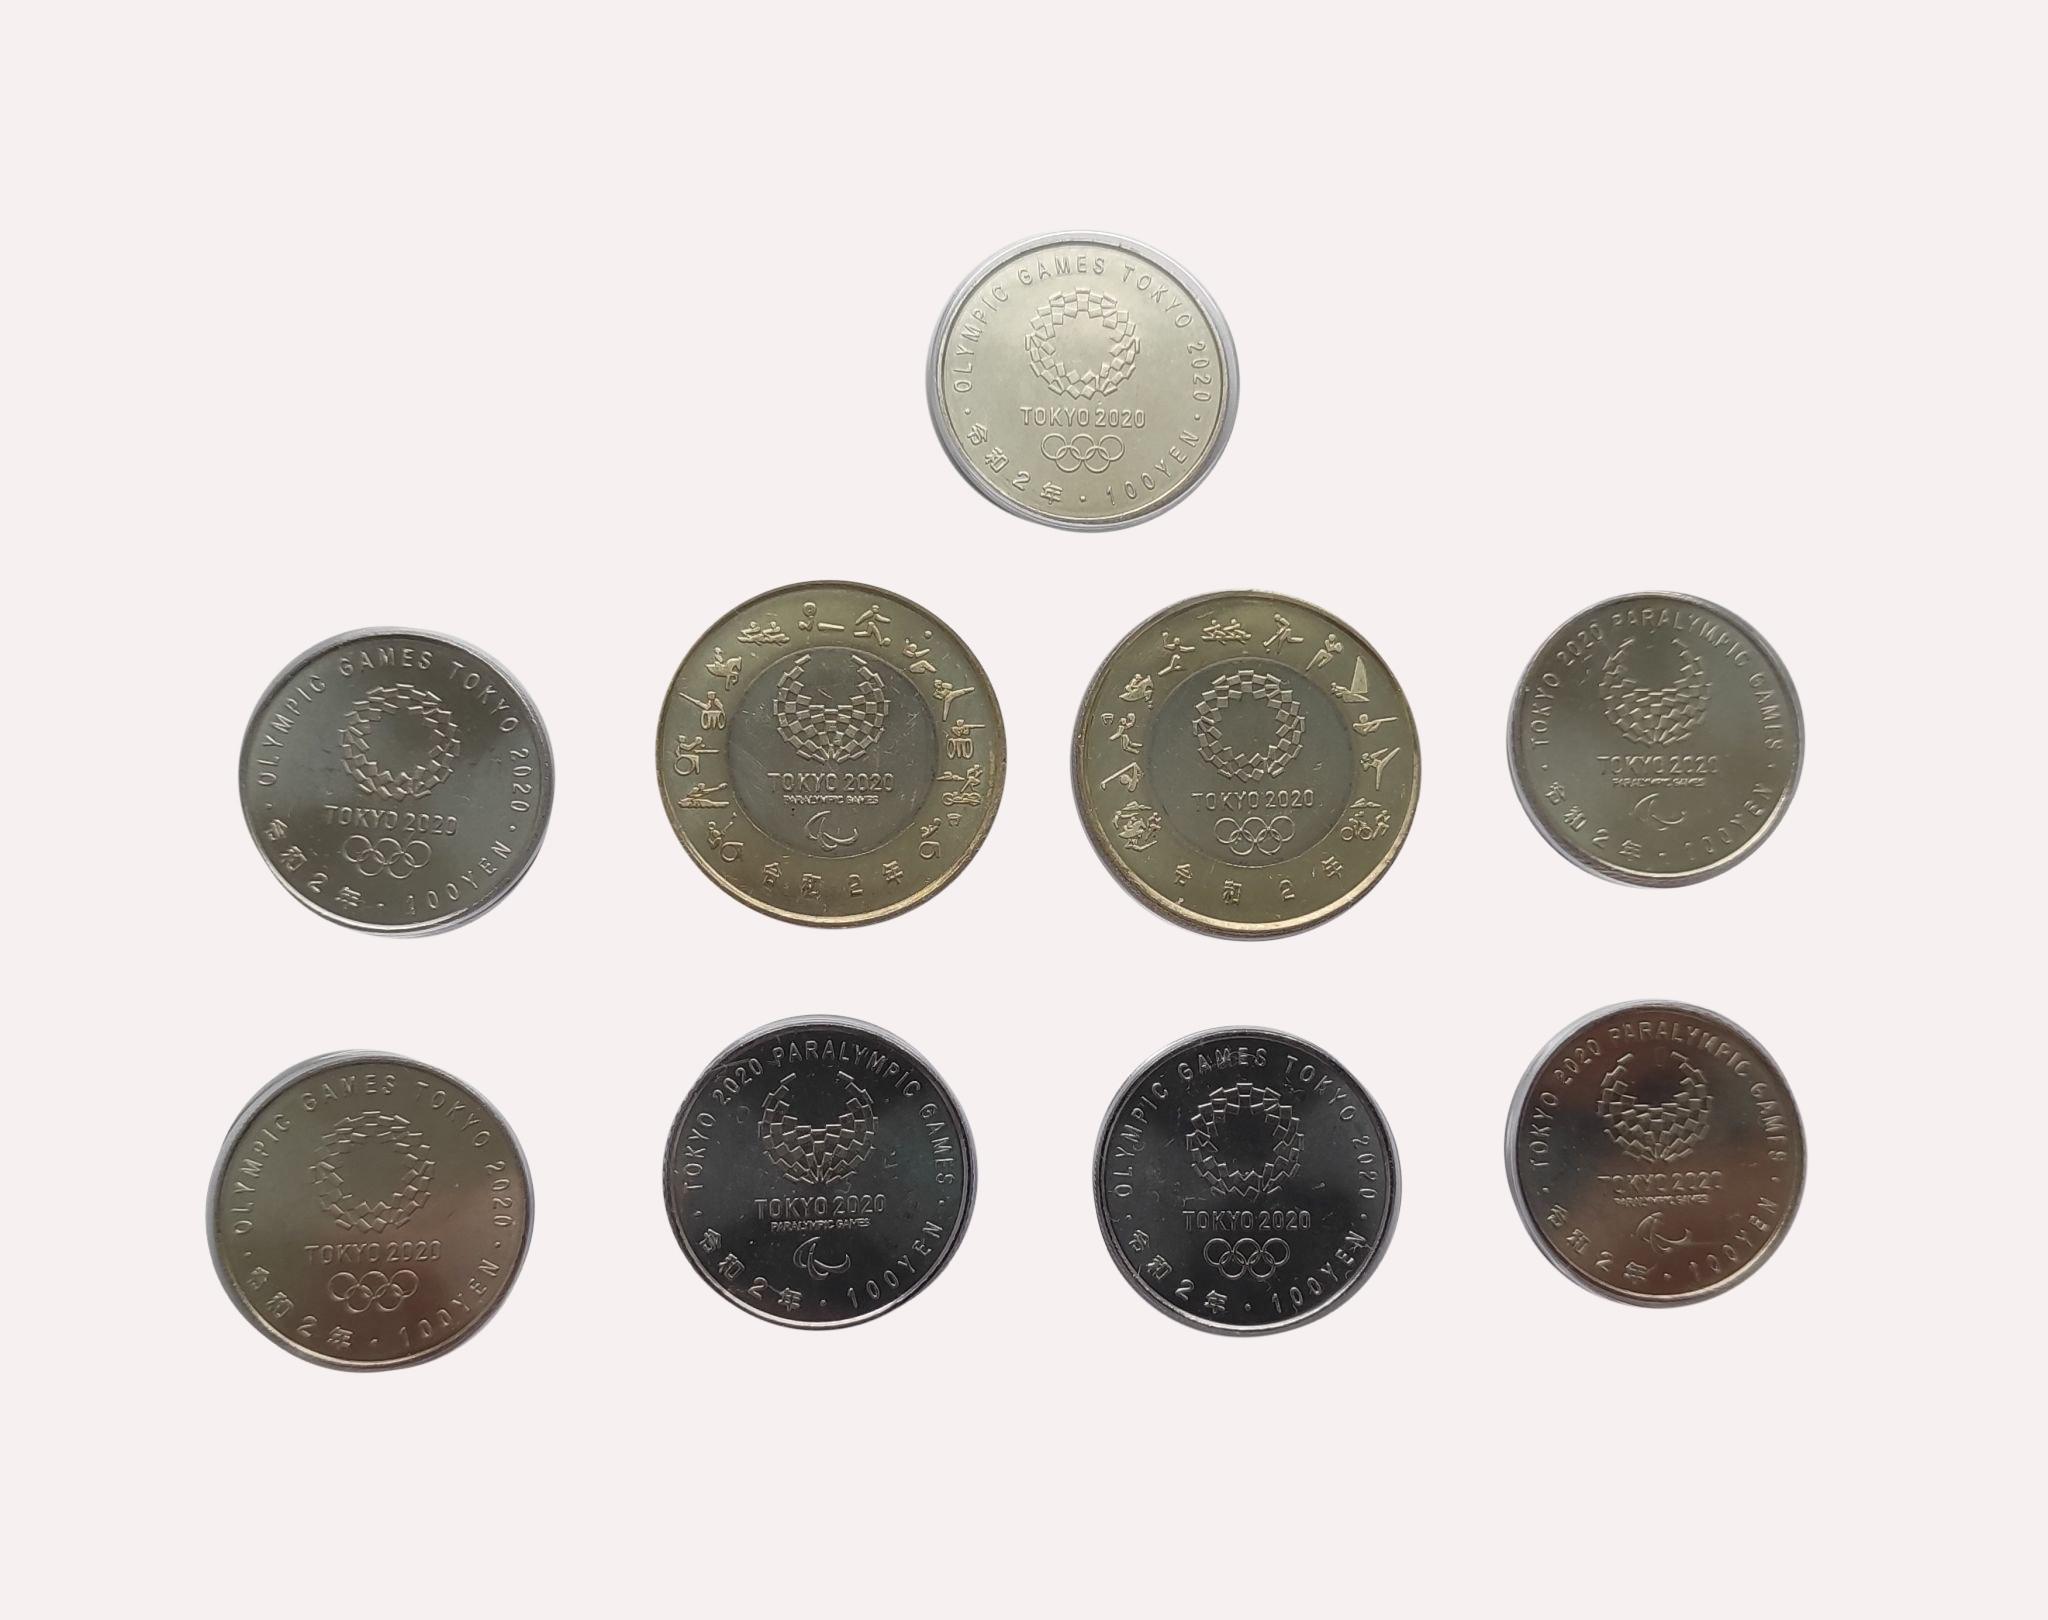 Набор 9 монет Олимпийские игры в Токио 4-й выпуск (7 шт. по 100 йен виды спорта + 2 шт. по 500 йен Талисманы) Япония